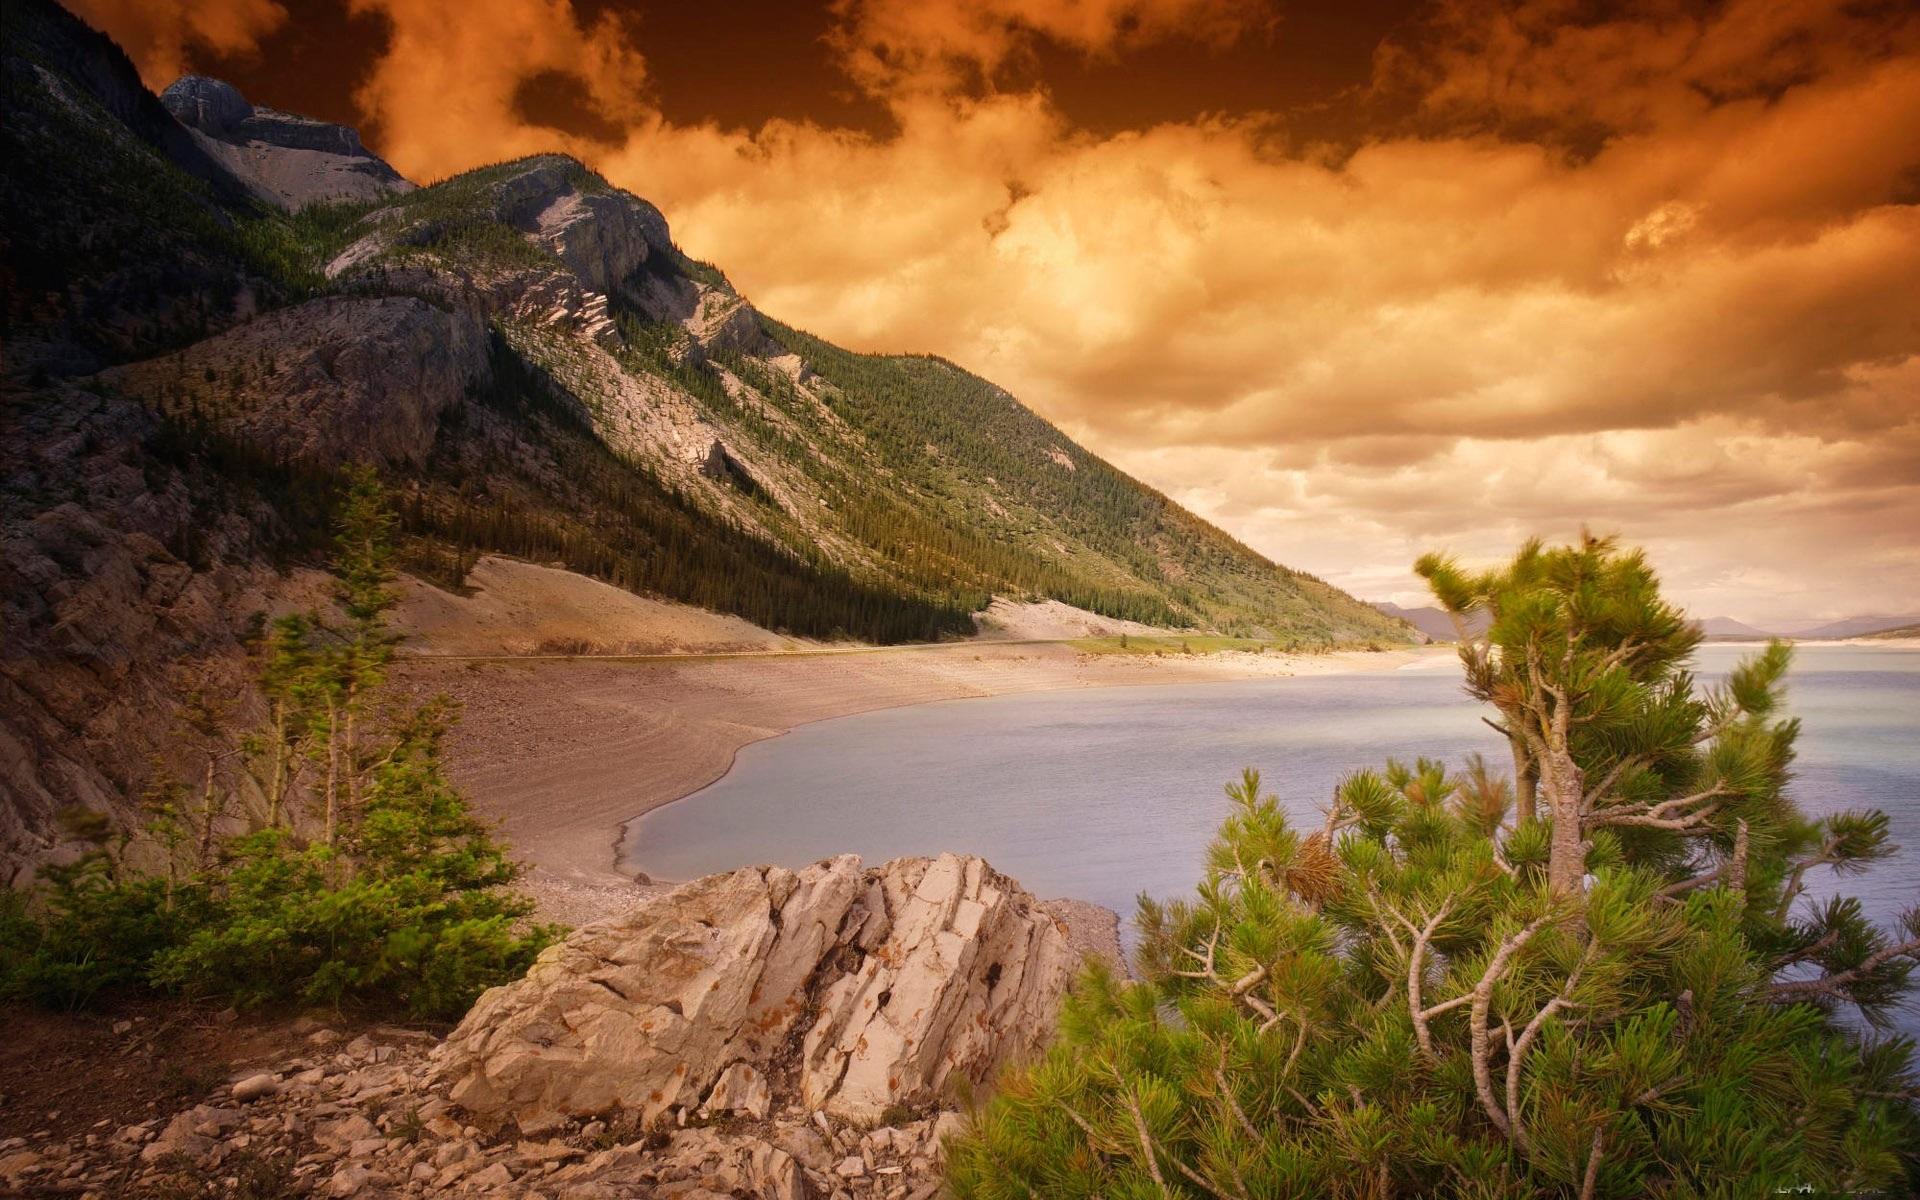 виды, натуральные фотоэффекты на море в горах уже влюбилась